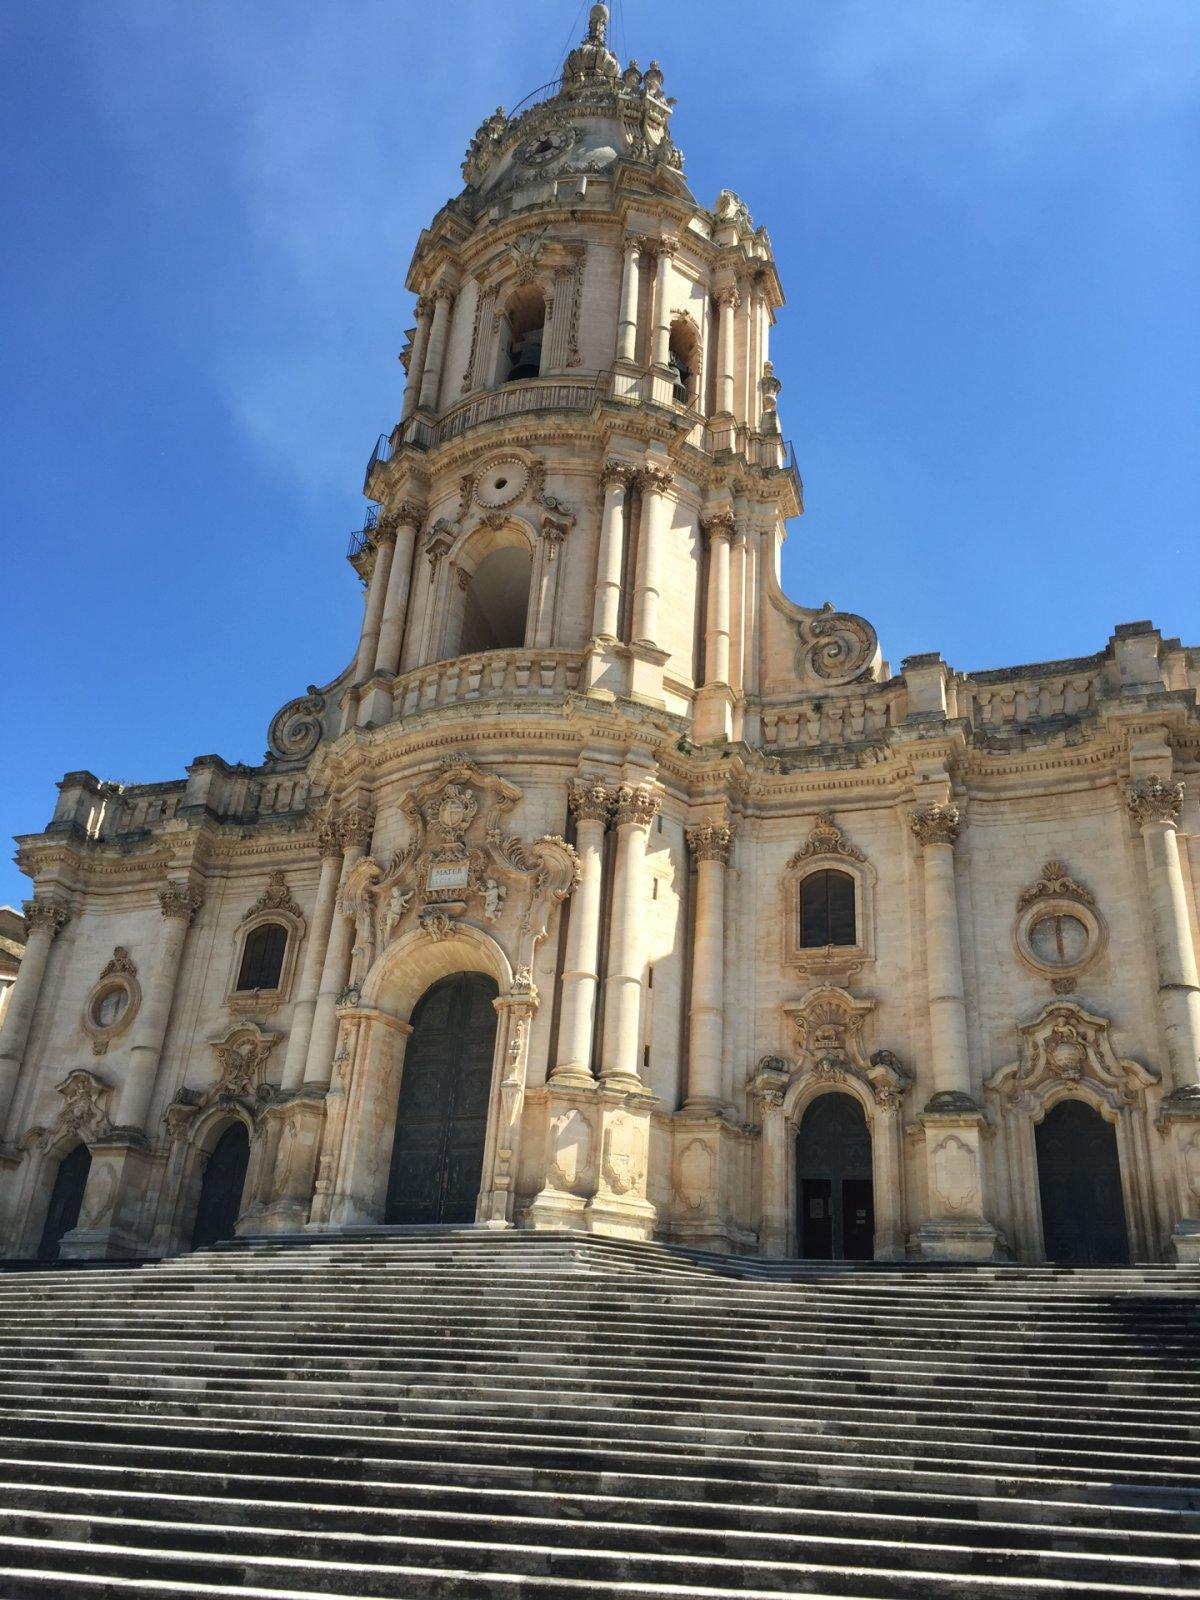 Сиракузы — родина Архимеда и столица солнца